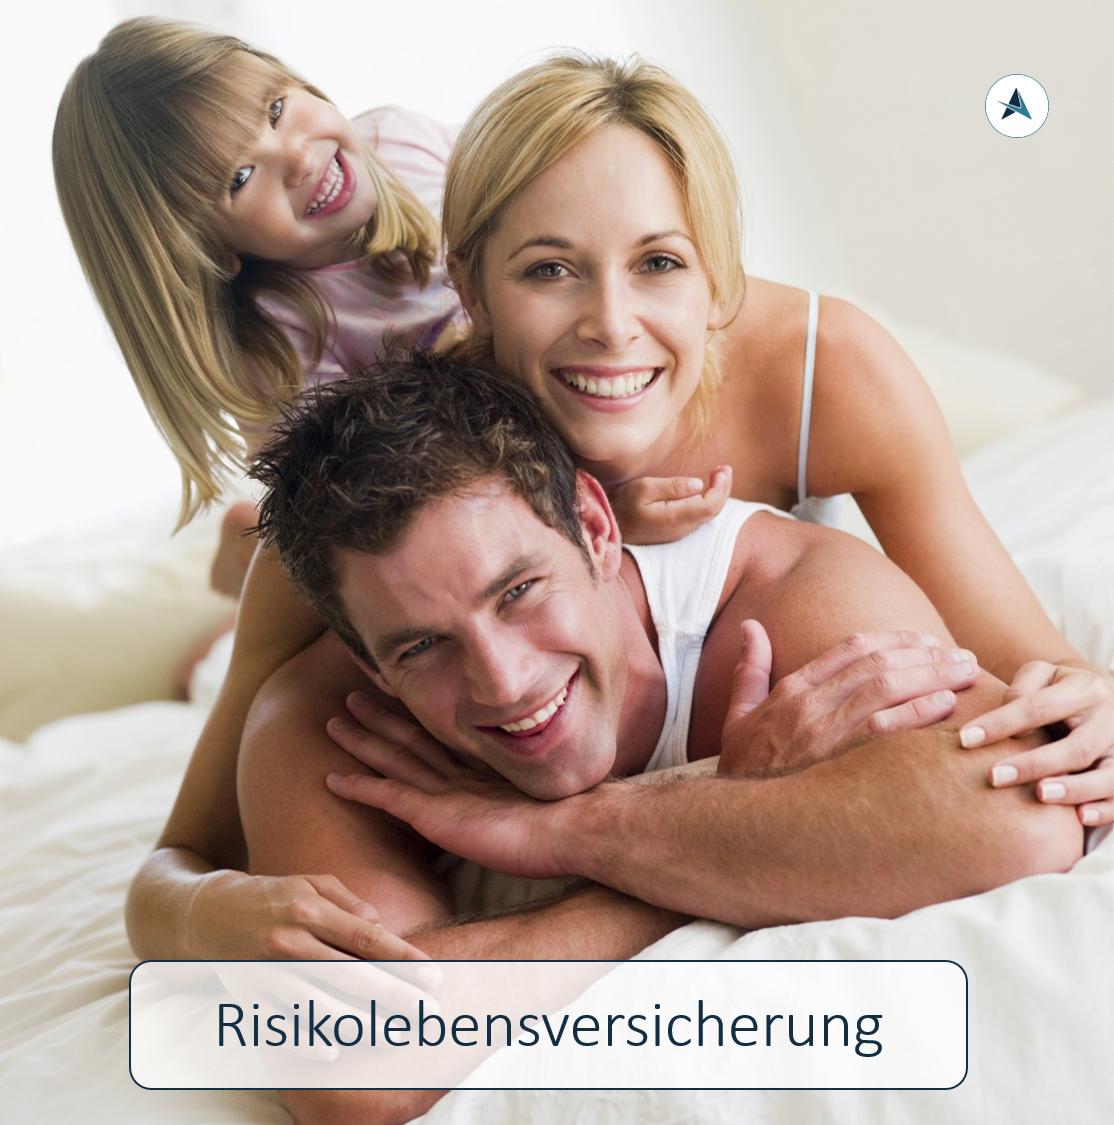 Versicherungsmakler-Berlin-Mahlsdorf-Risikolebensversicherung-André-Böttcher-Risiko-Leben